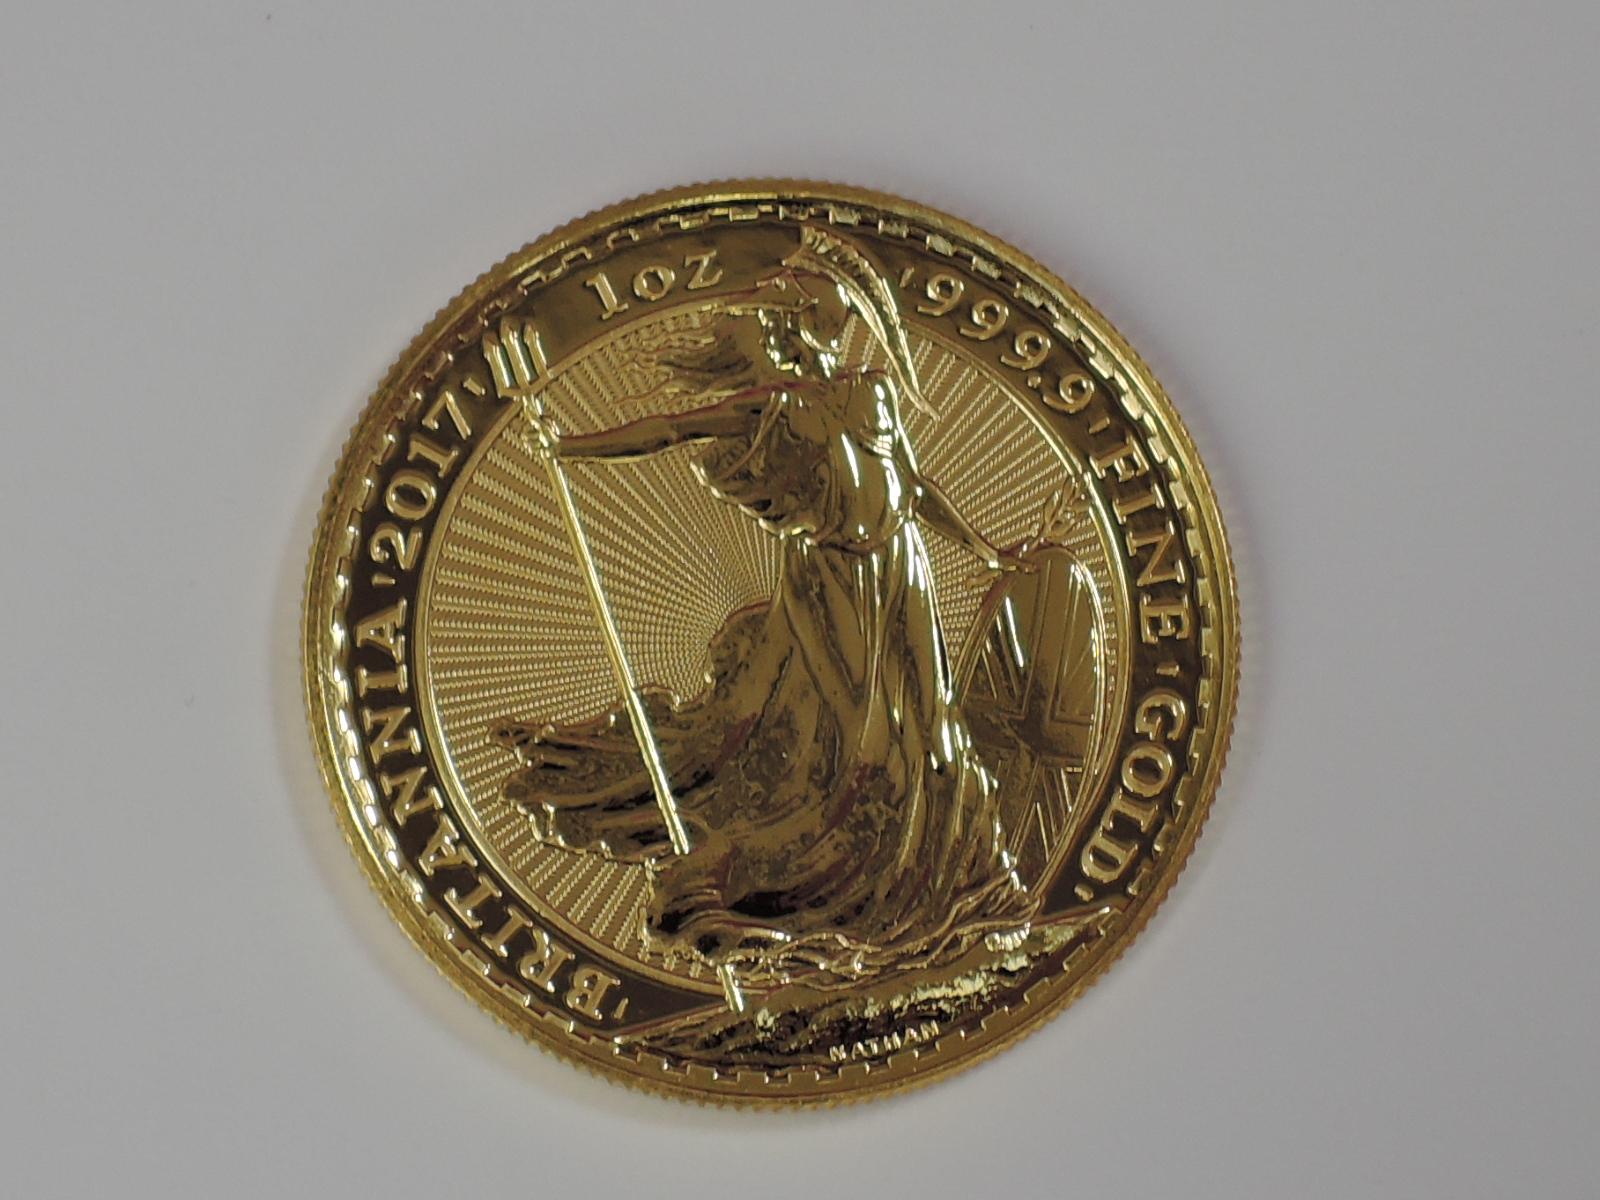 Lot 646 - A gold 1oz 2017 Great Britain Britannia 100 pound coin, in plastic case